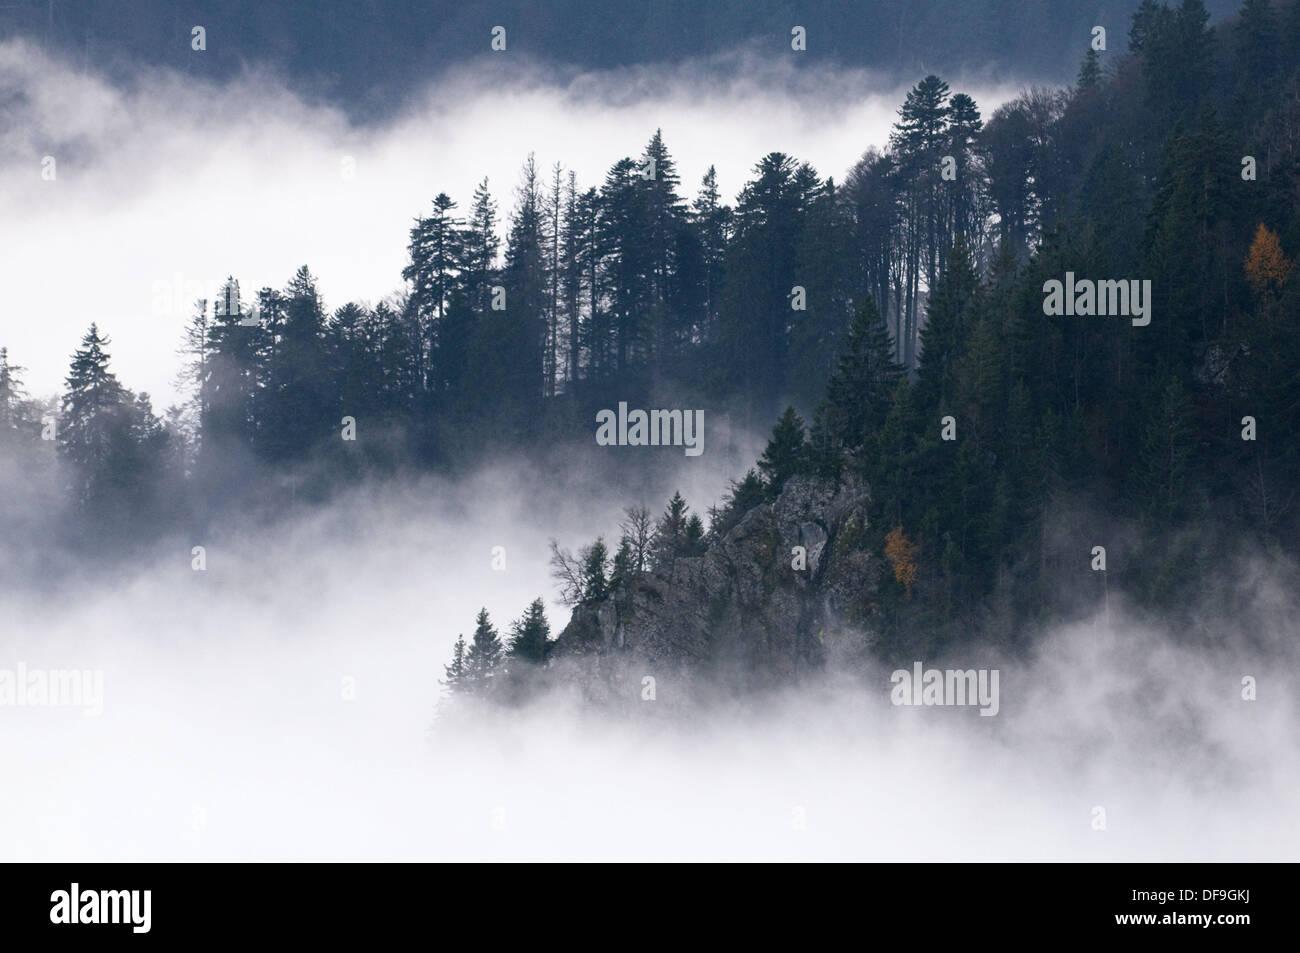 Nebel-Abdeckung in Vogesen, Herbst, unteren Berg reicht, Pisten mit Kiefernwald auf dem Hohneck massiv, Vogesen, Stockfoto